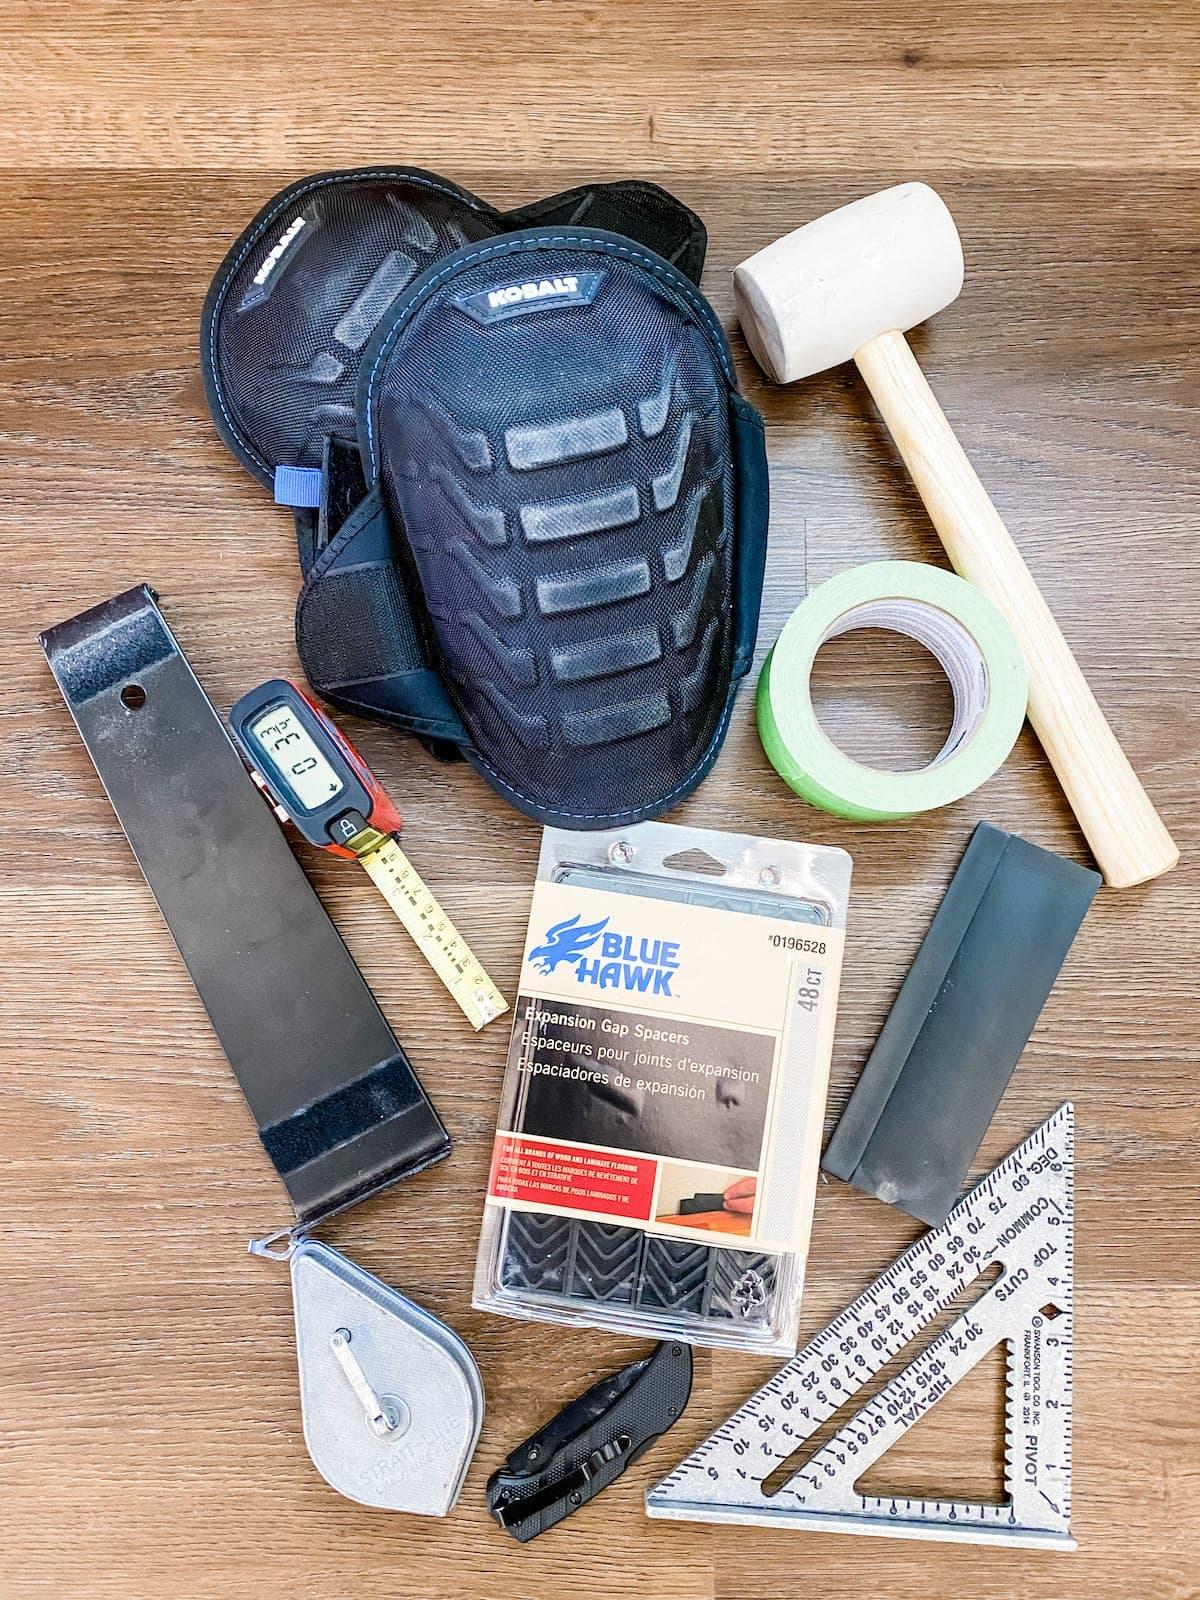 LVP flooring installation supplies